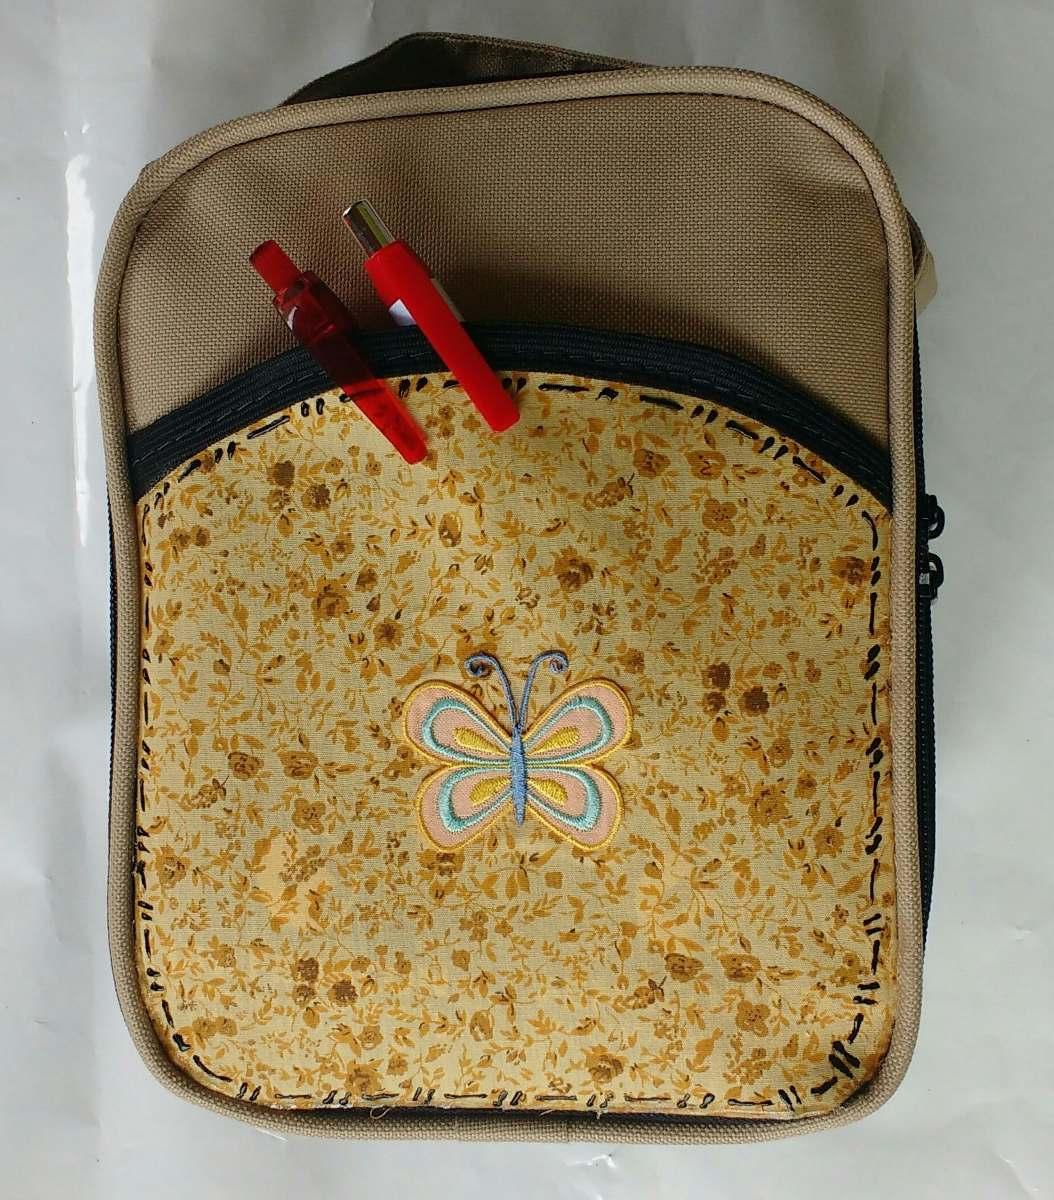 e90c48f7d bolsa térmica porta marmita lancheira de mão pequena barata. Carregando zoom .